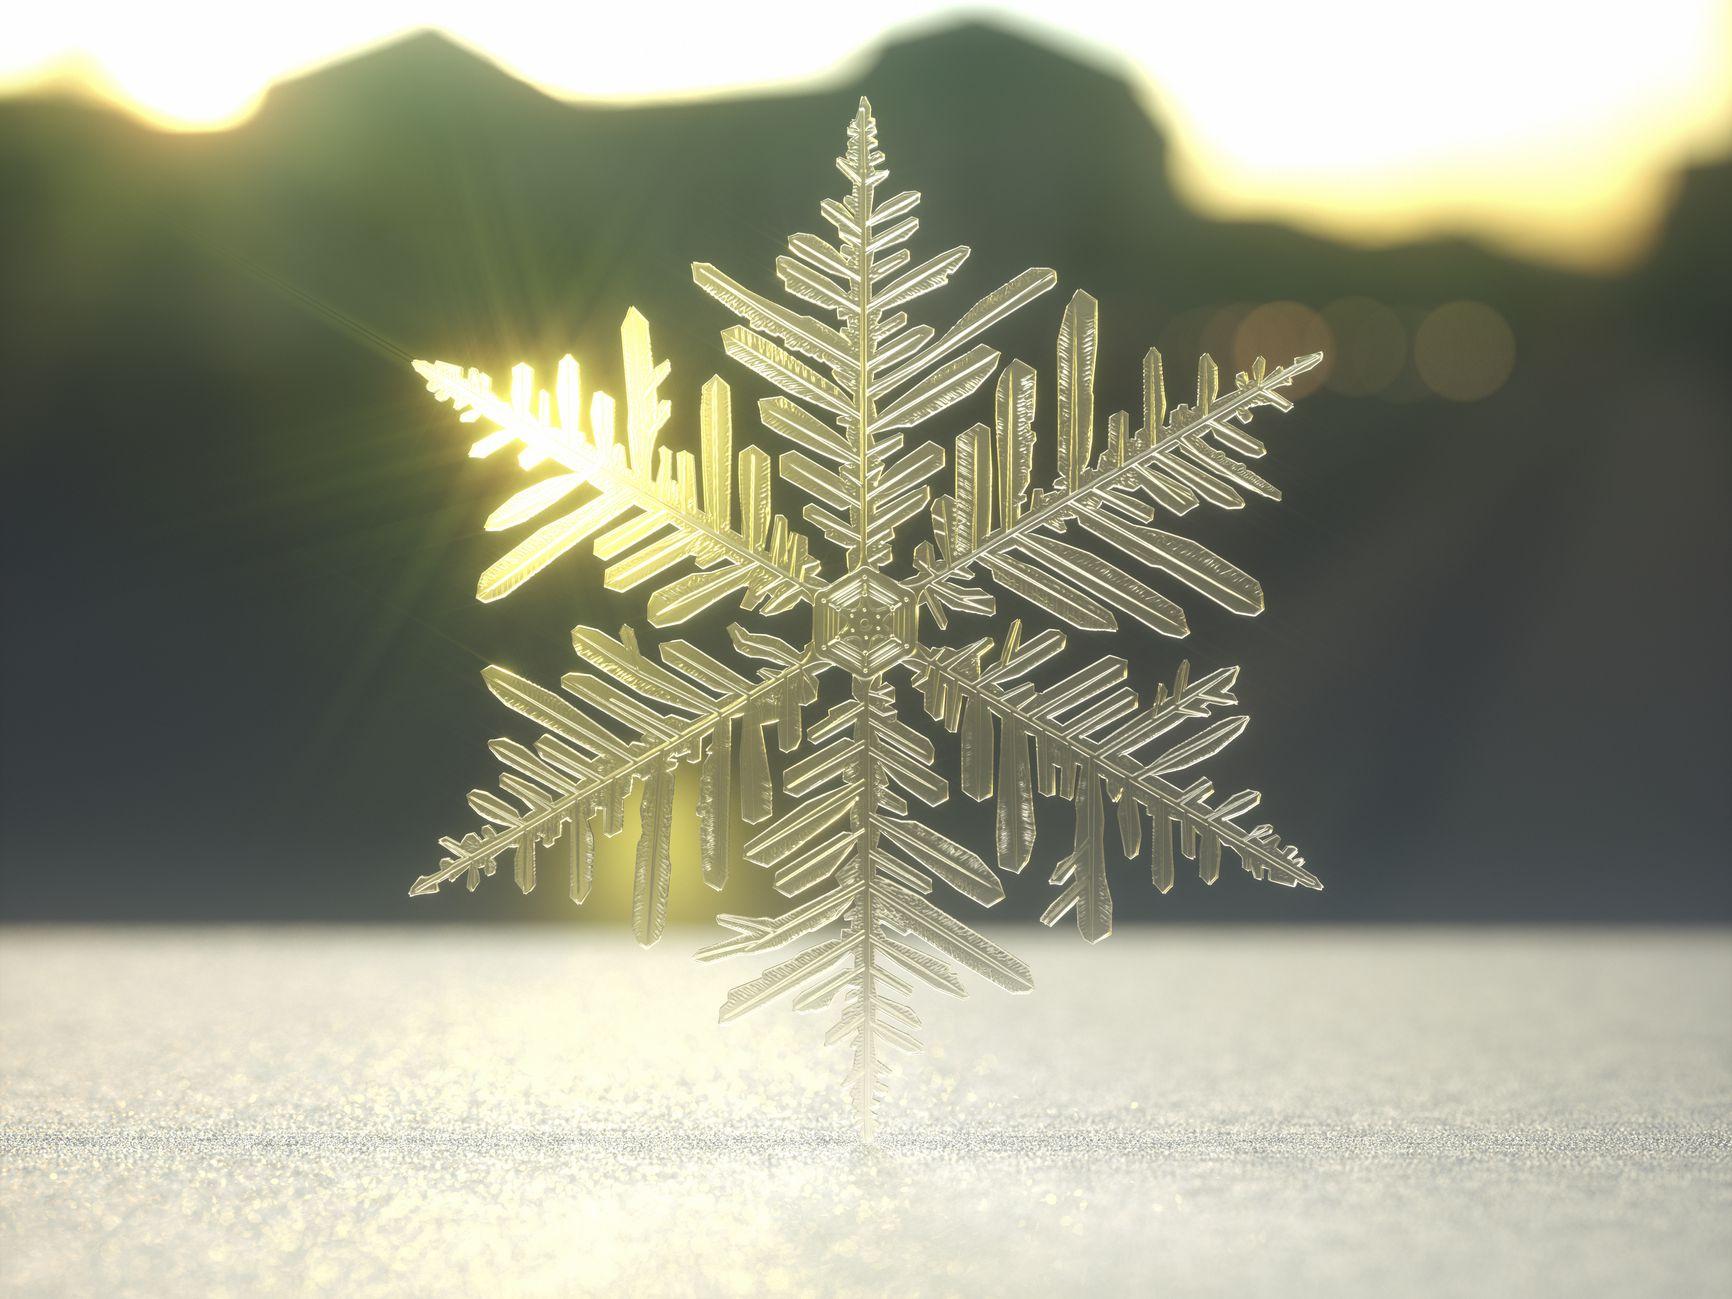 Tatuajes de copos de nieve—Símbolo de positividad